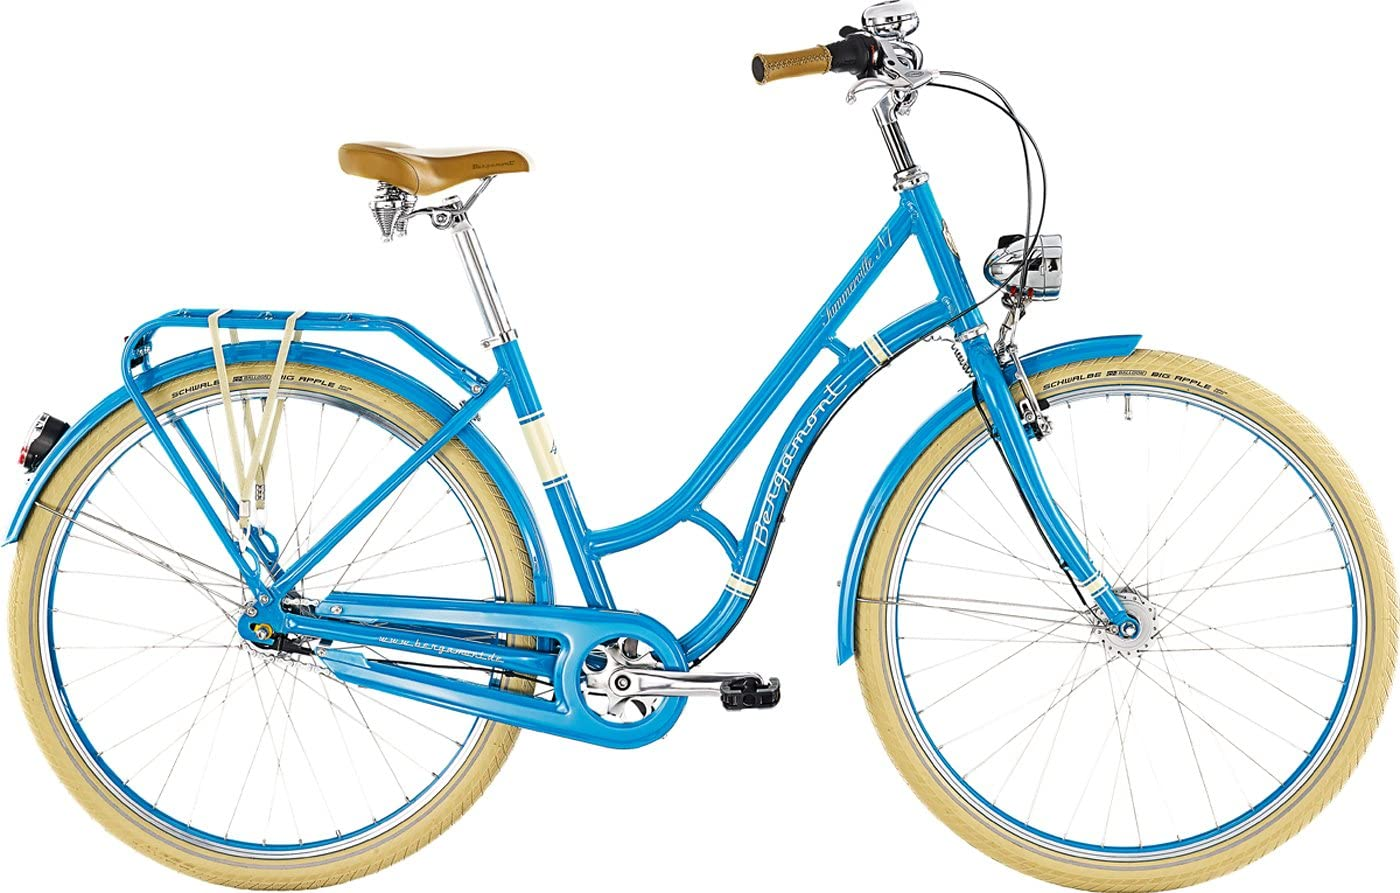 Bergamont Summer Ville N-7 71.12 cm Diseño de Bicicleta de Colour Azul/Blanco 2015, Color, tamaño 52cm (171-176cm): Amazon.es: Deportes y aire libre